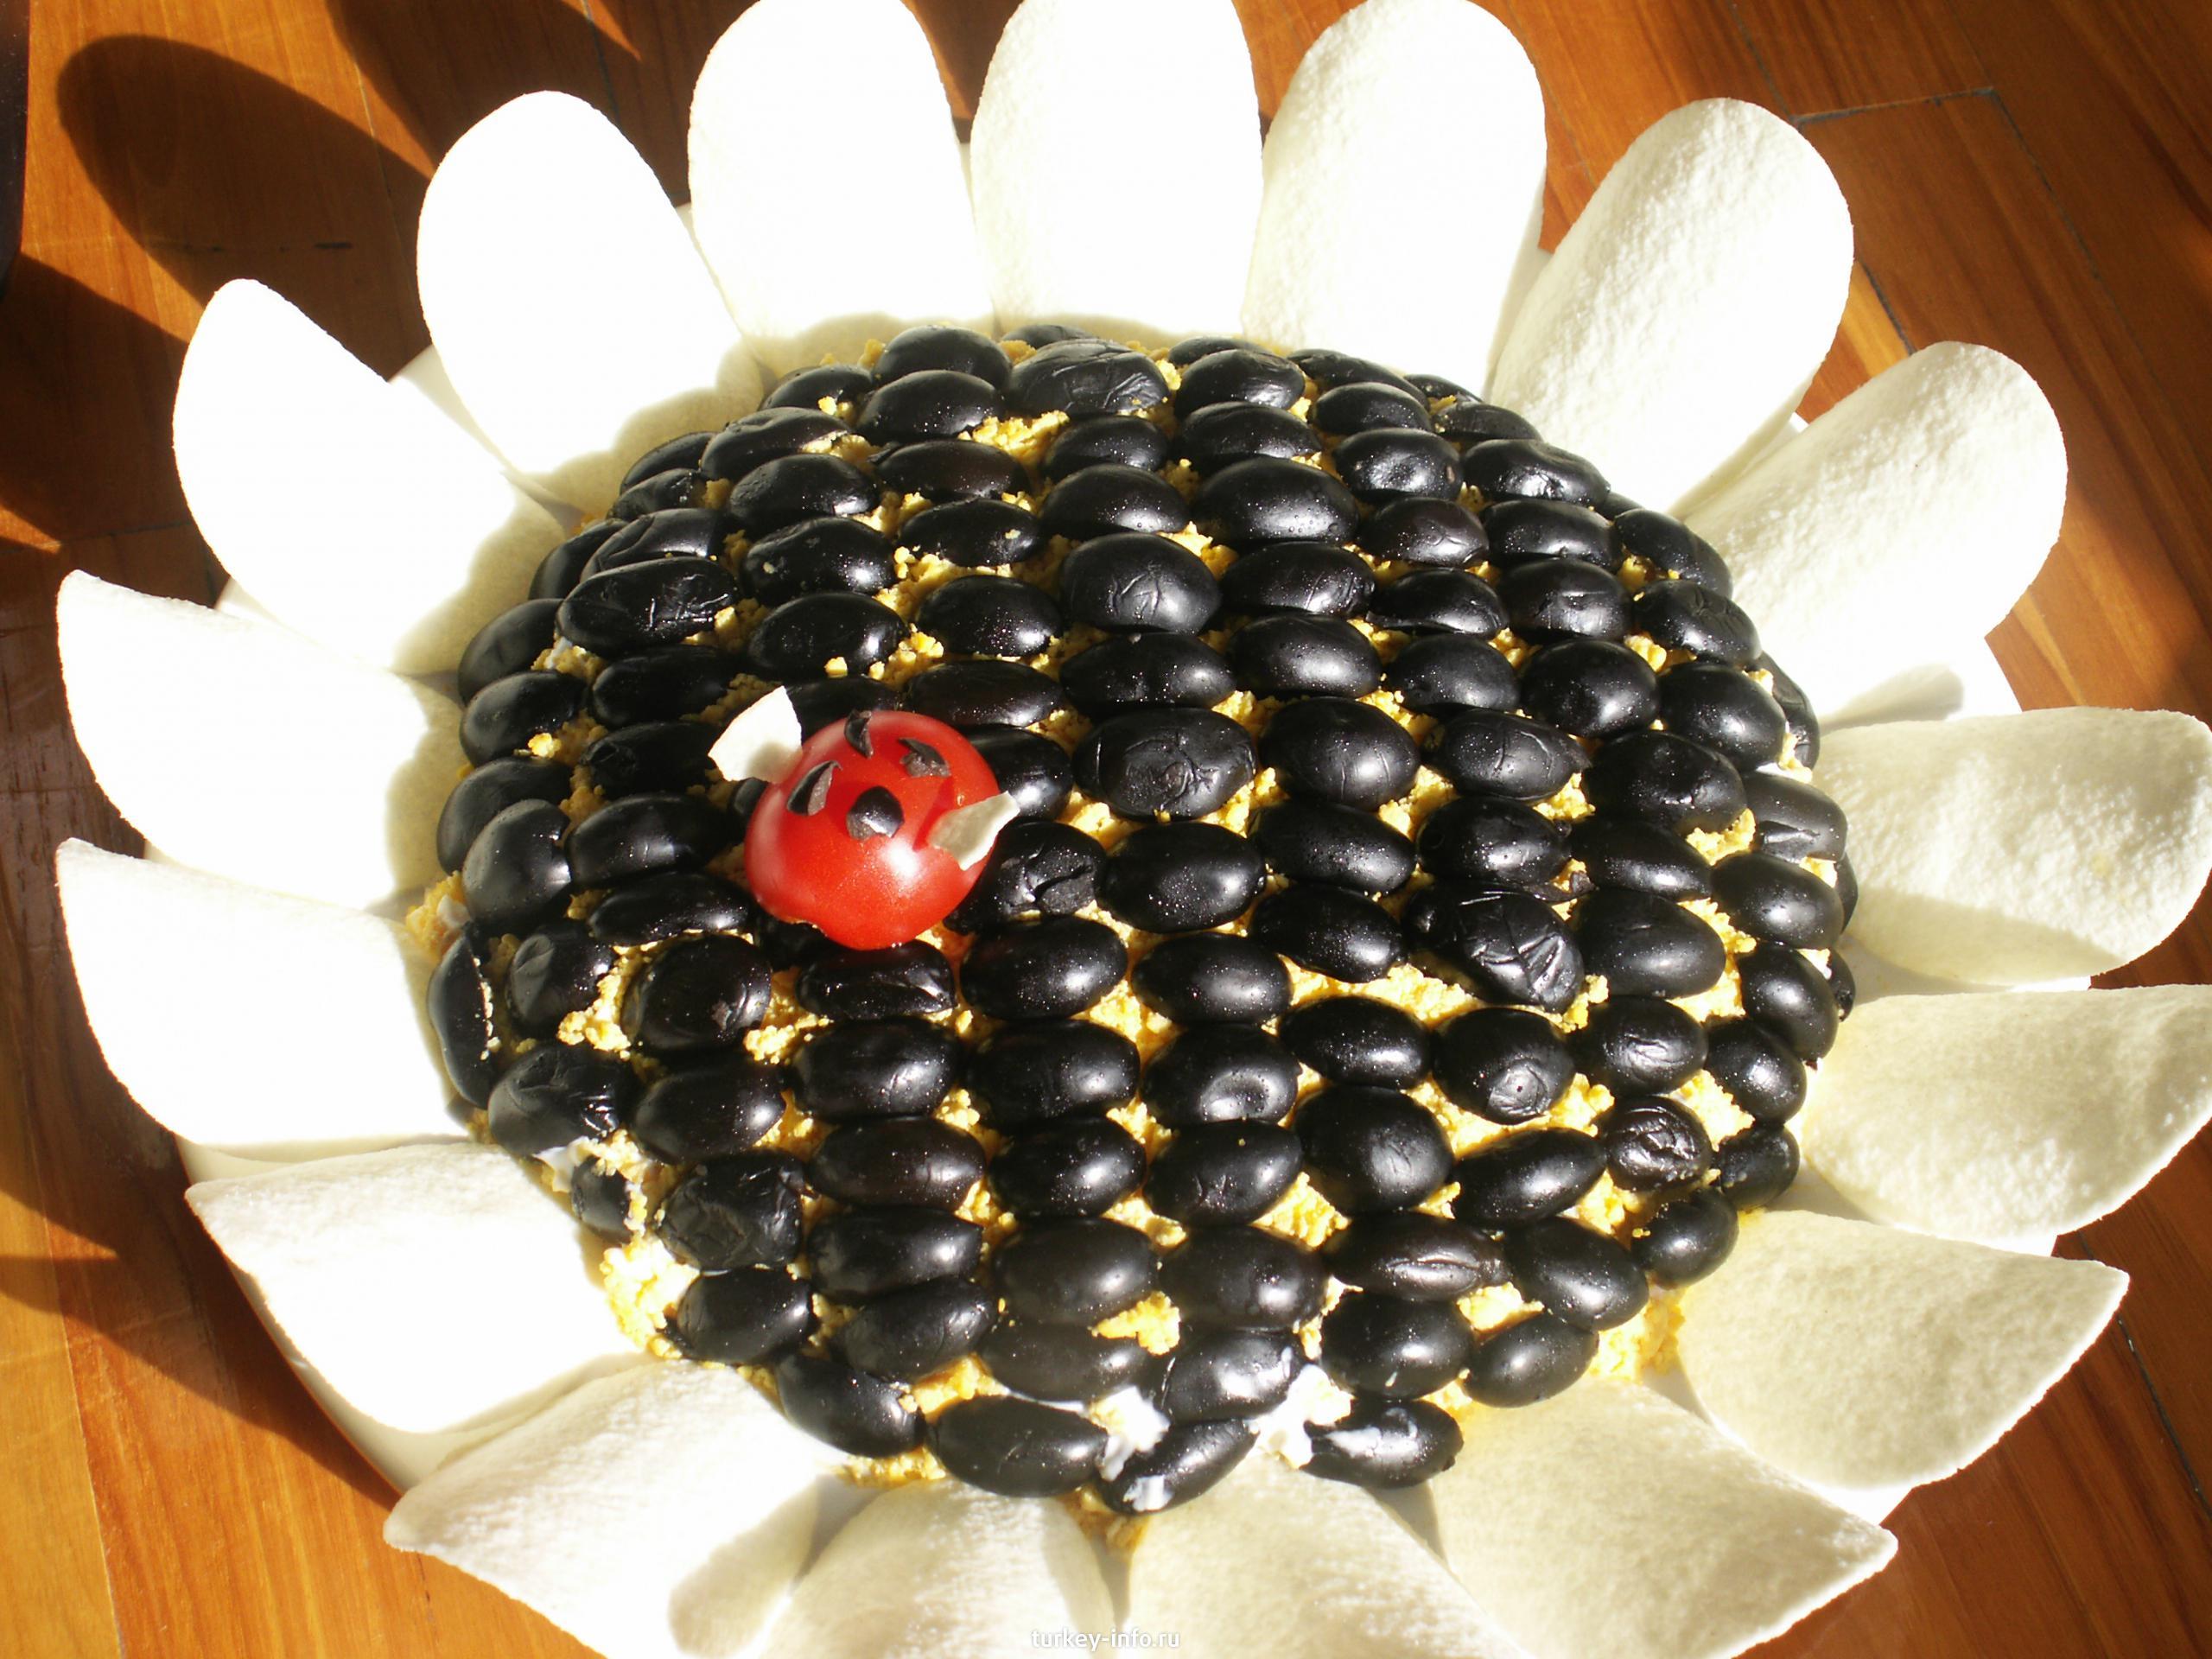 Салат подсолнух с чипсами рецепт 28 фотография